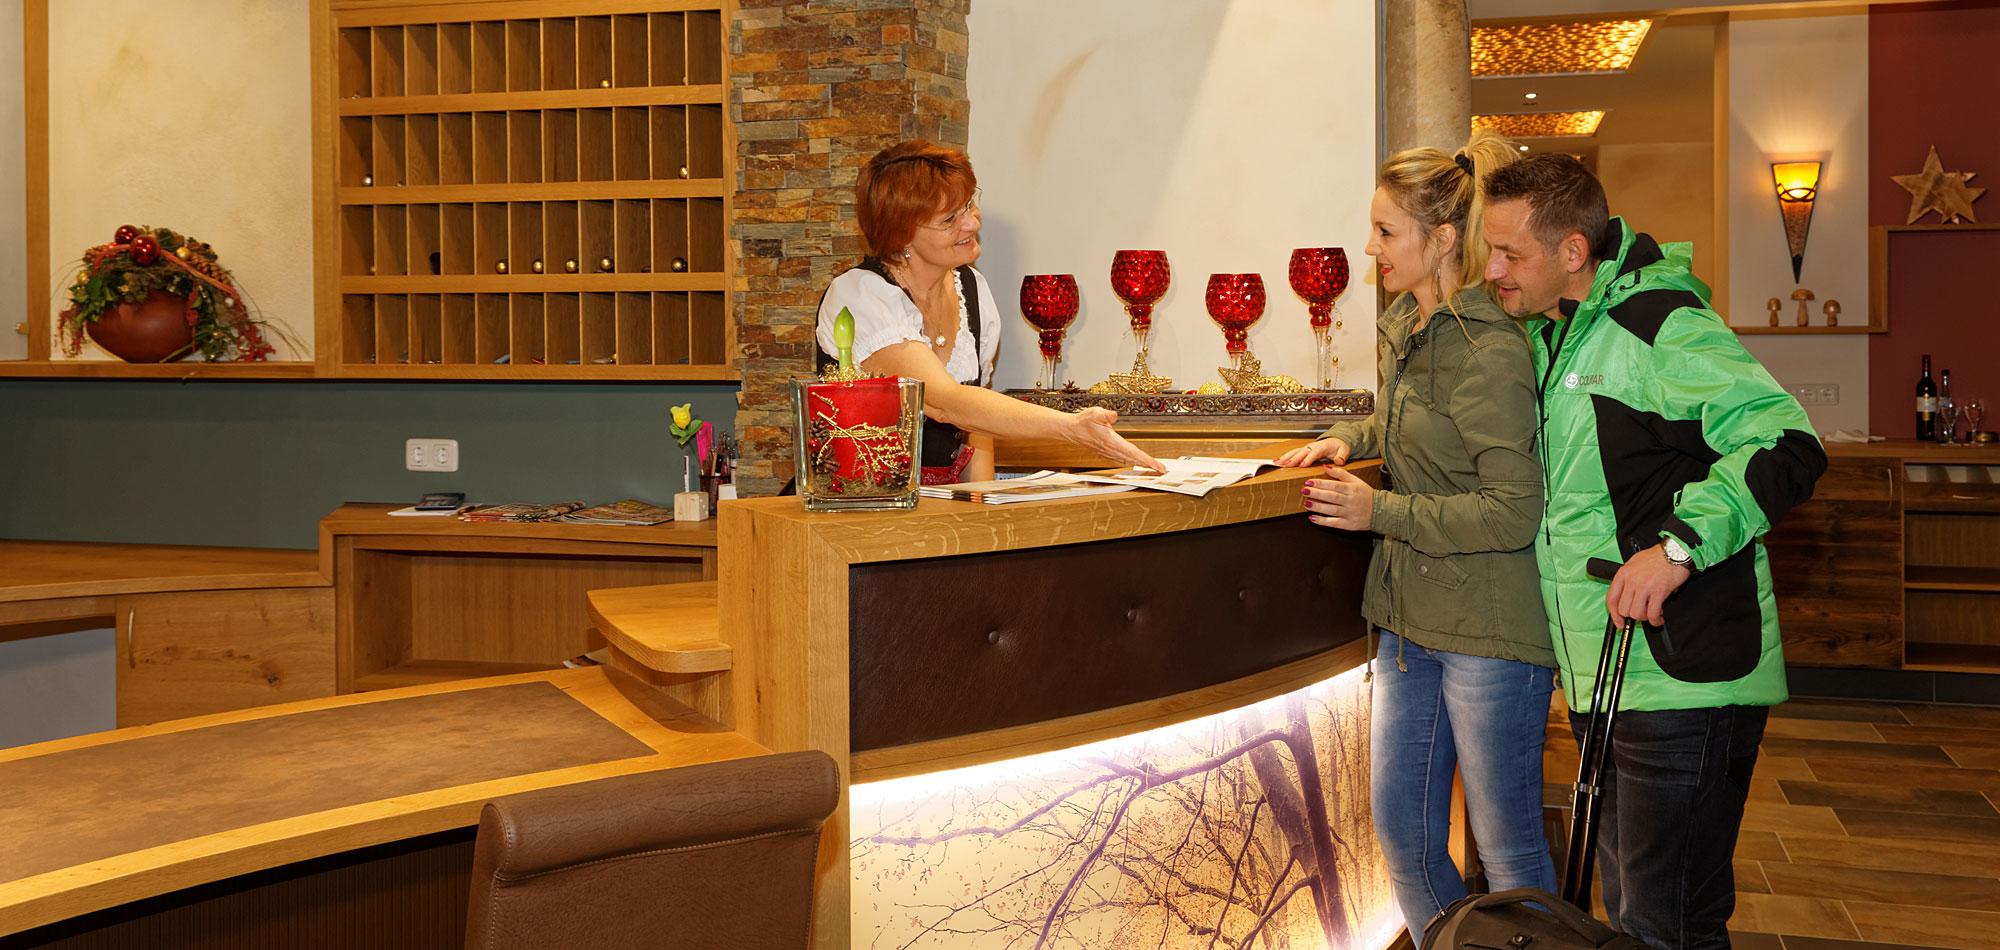 Rezeption - Wellnesshotel im Bayerischen Wald